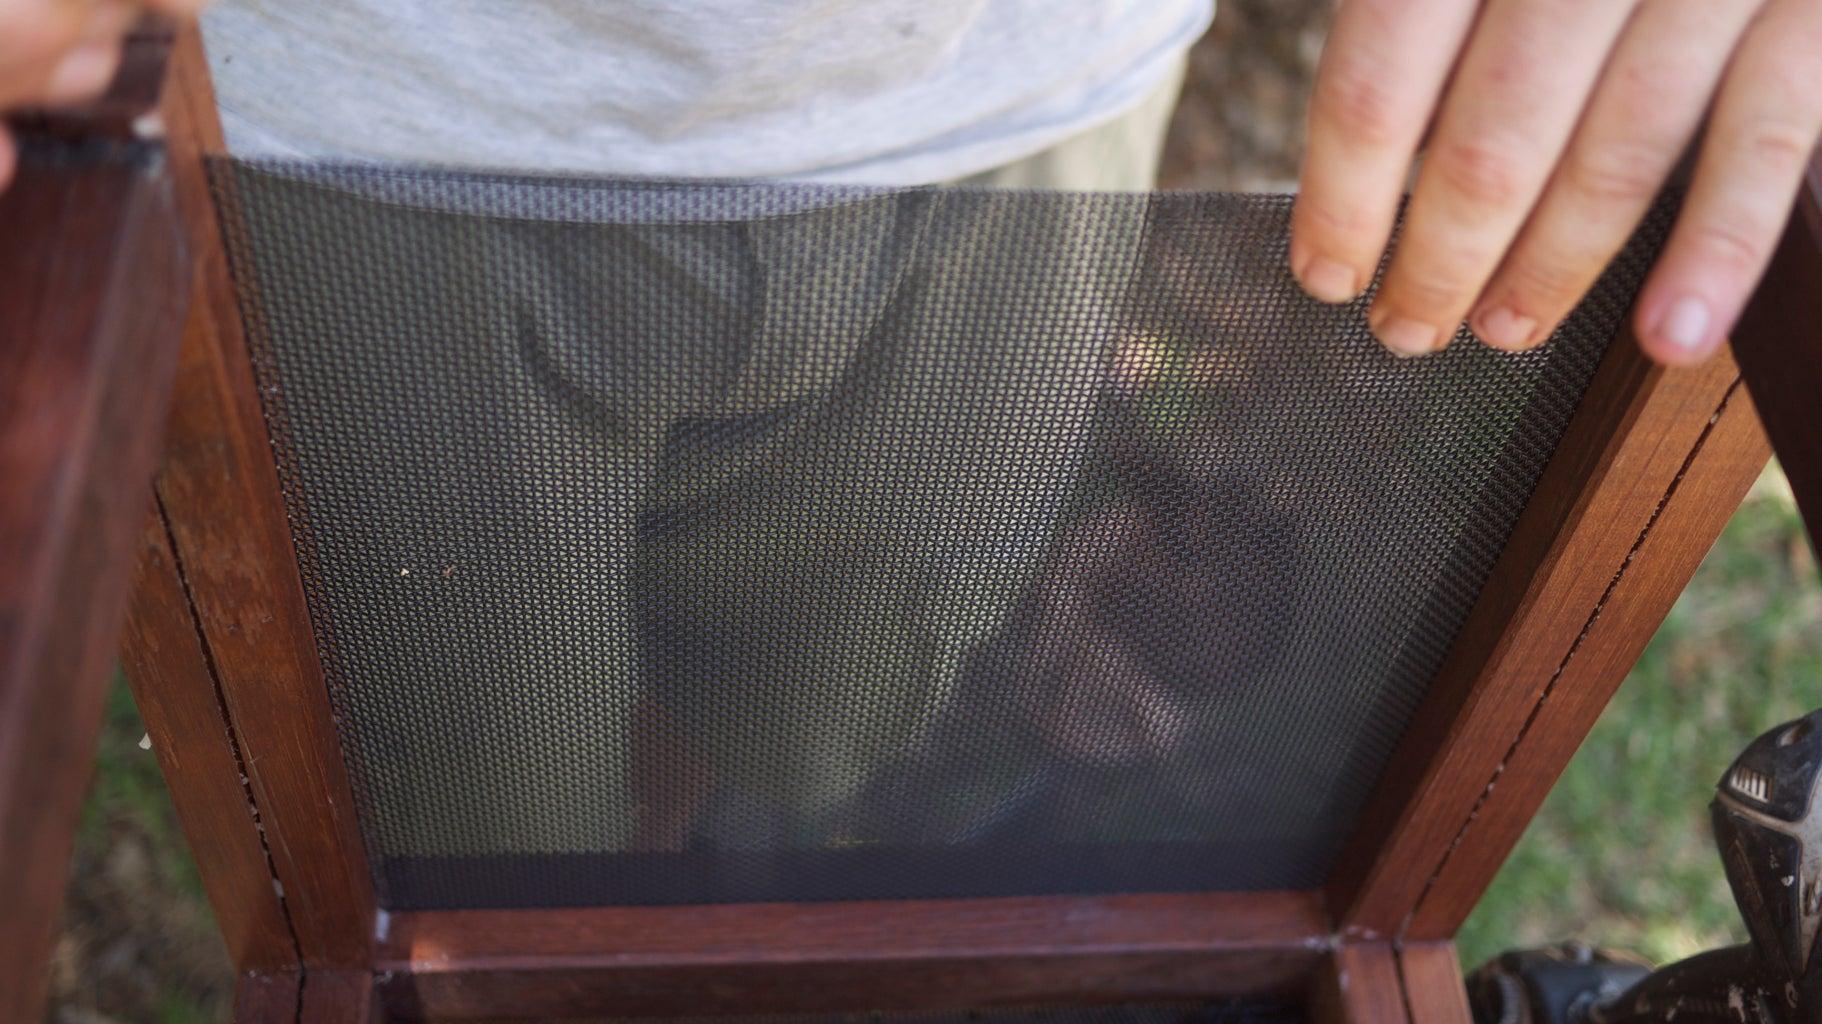 Sliding in Screens